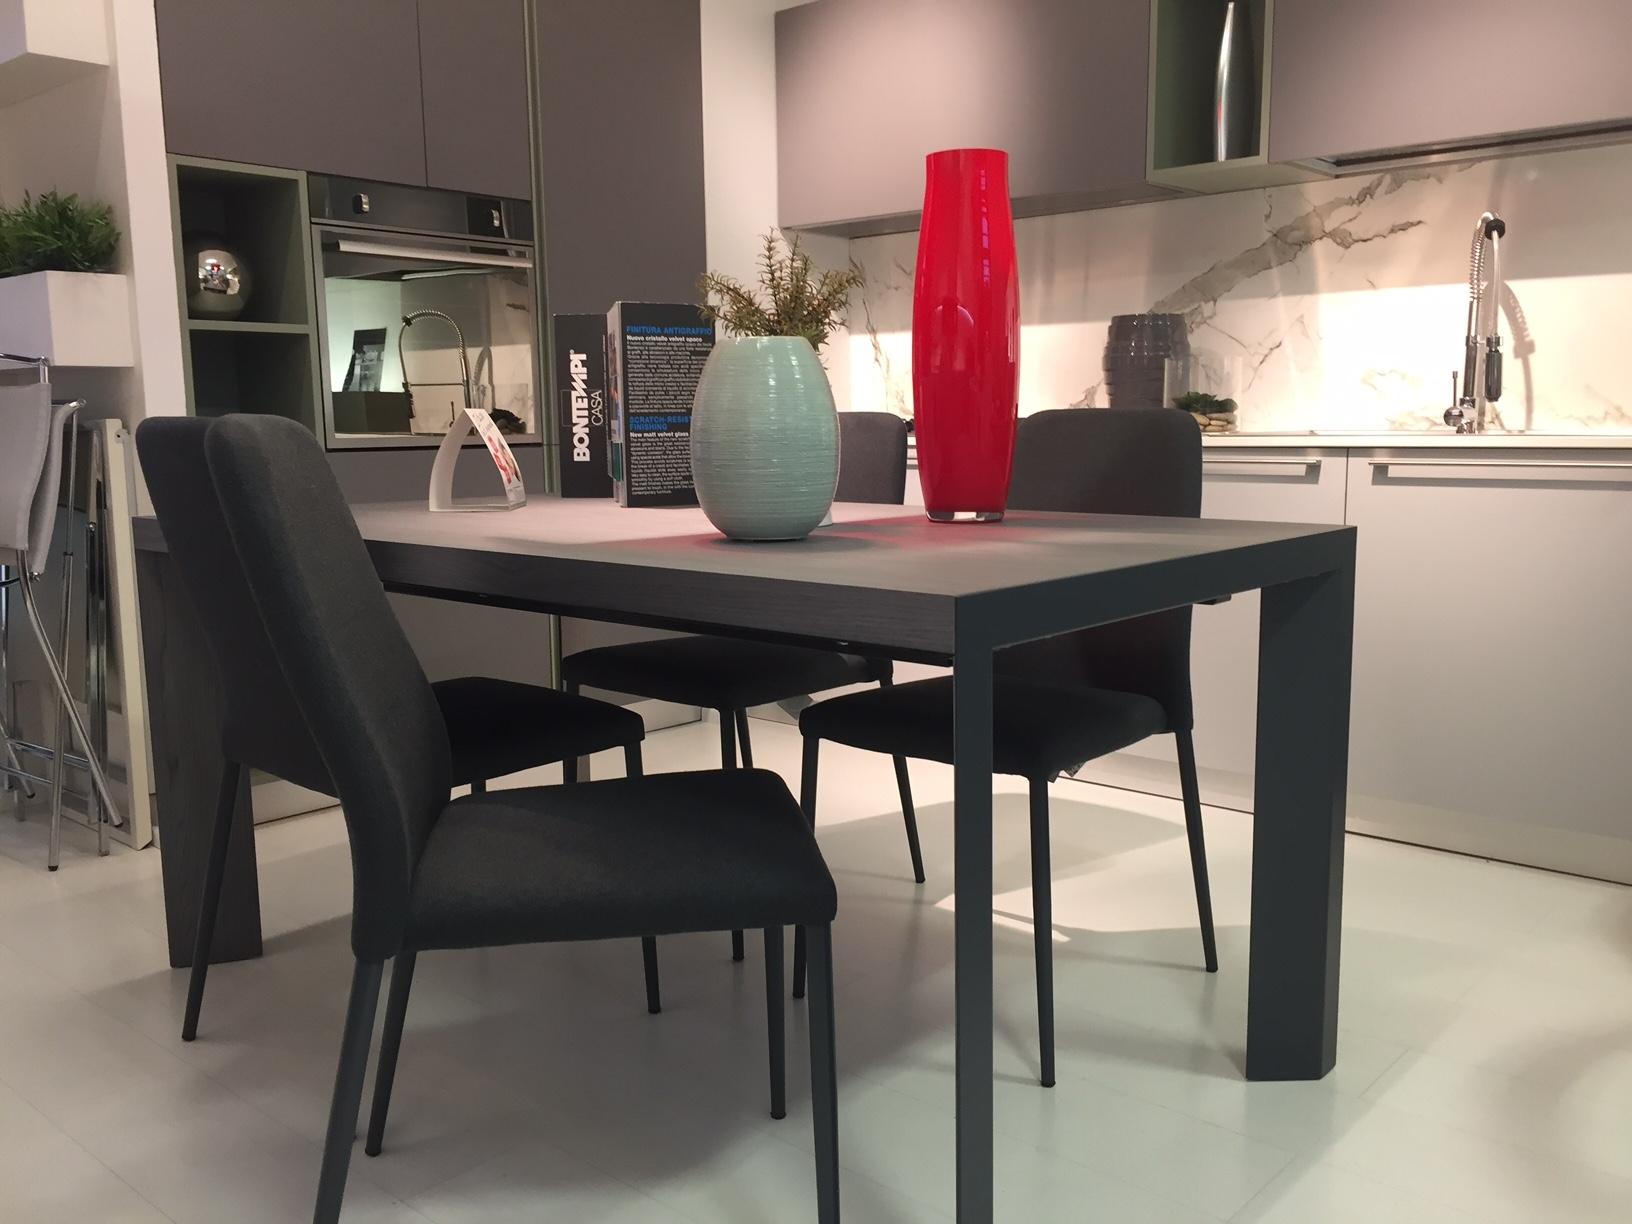 Tavolo calligaris lam rettangolari allungabili tavoli a for Tavoli e sedie calligaris